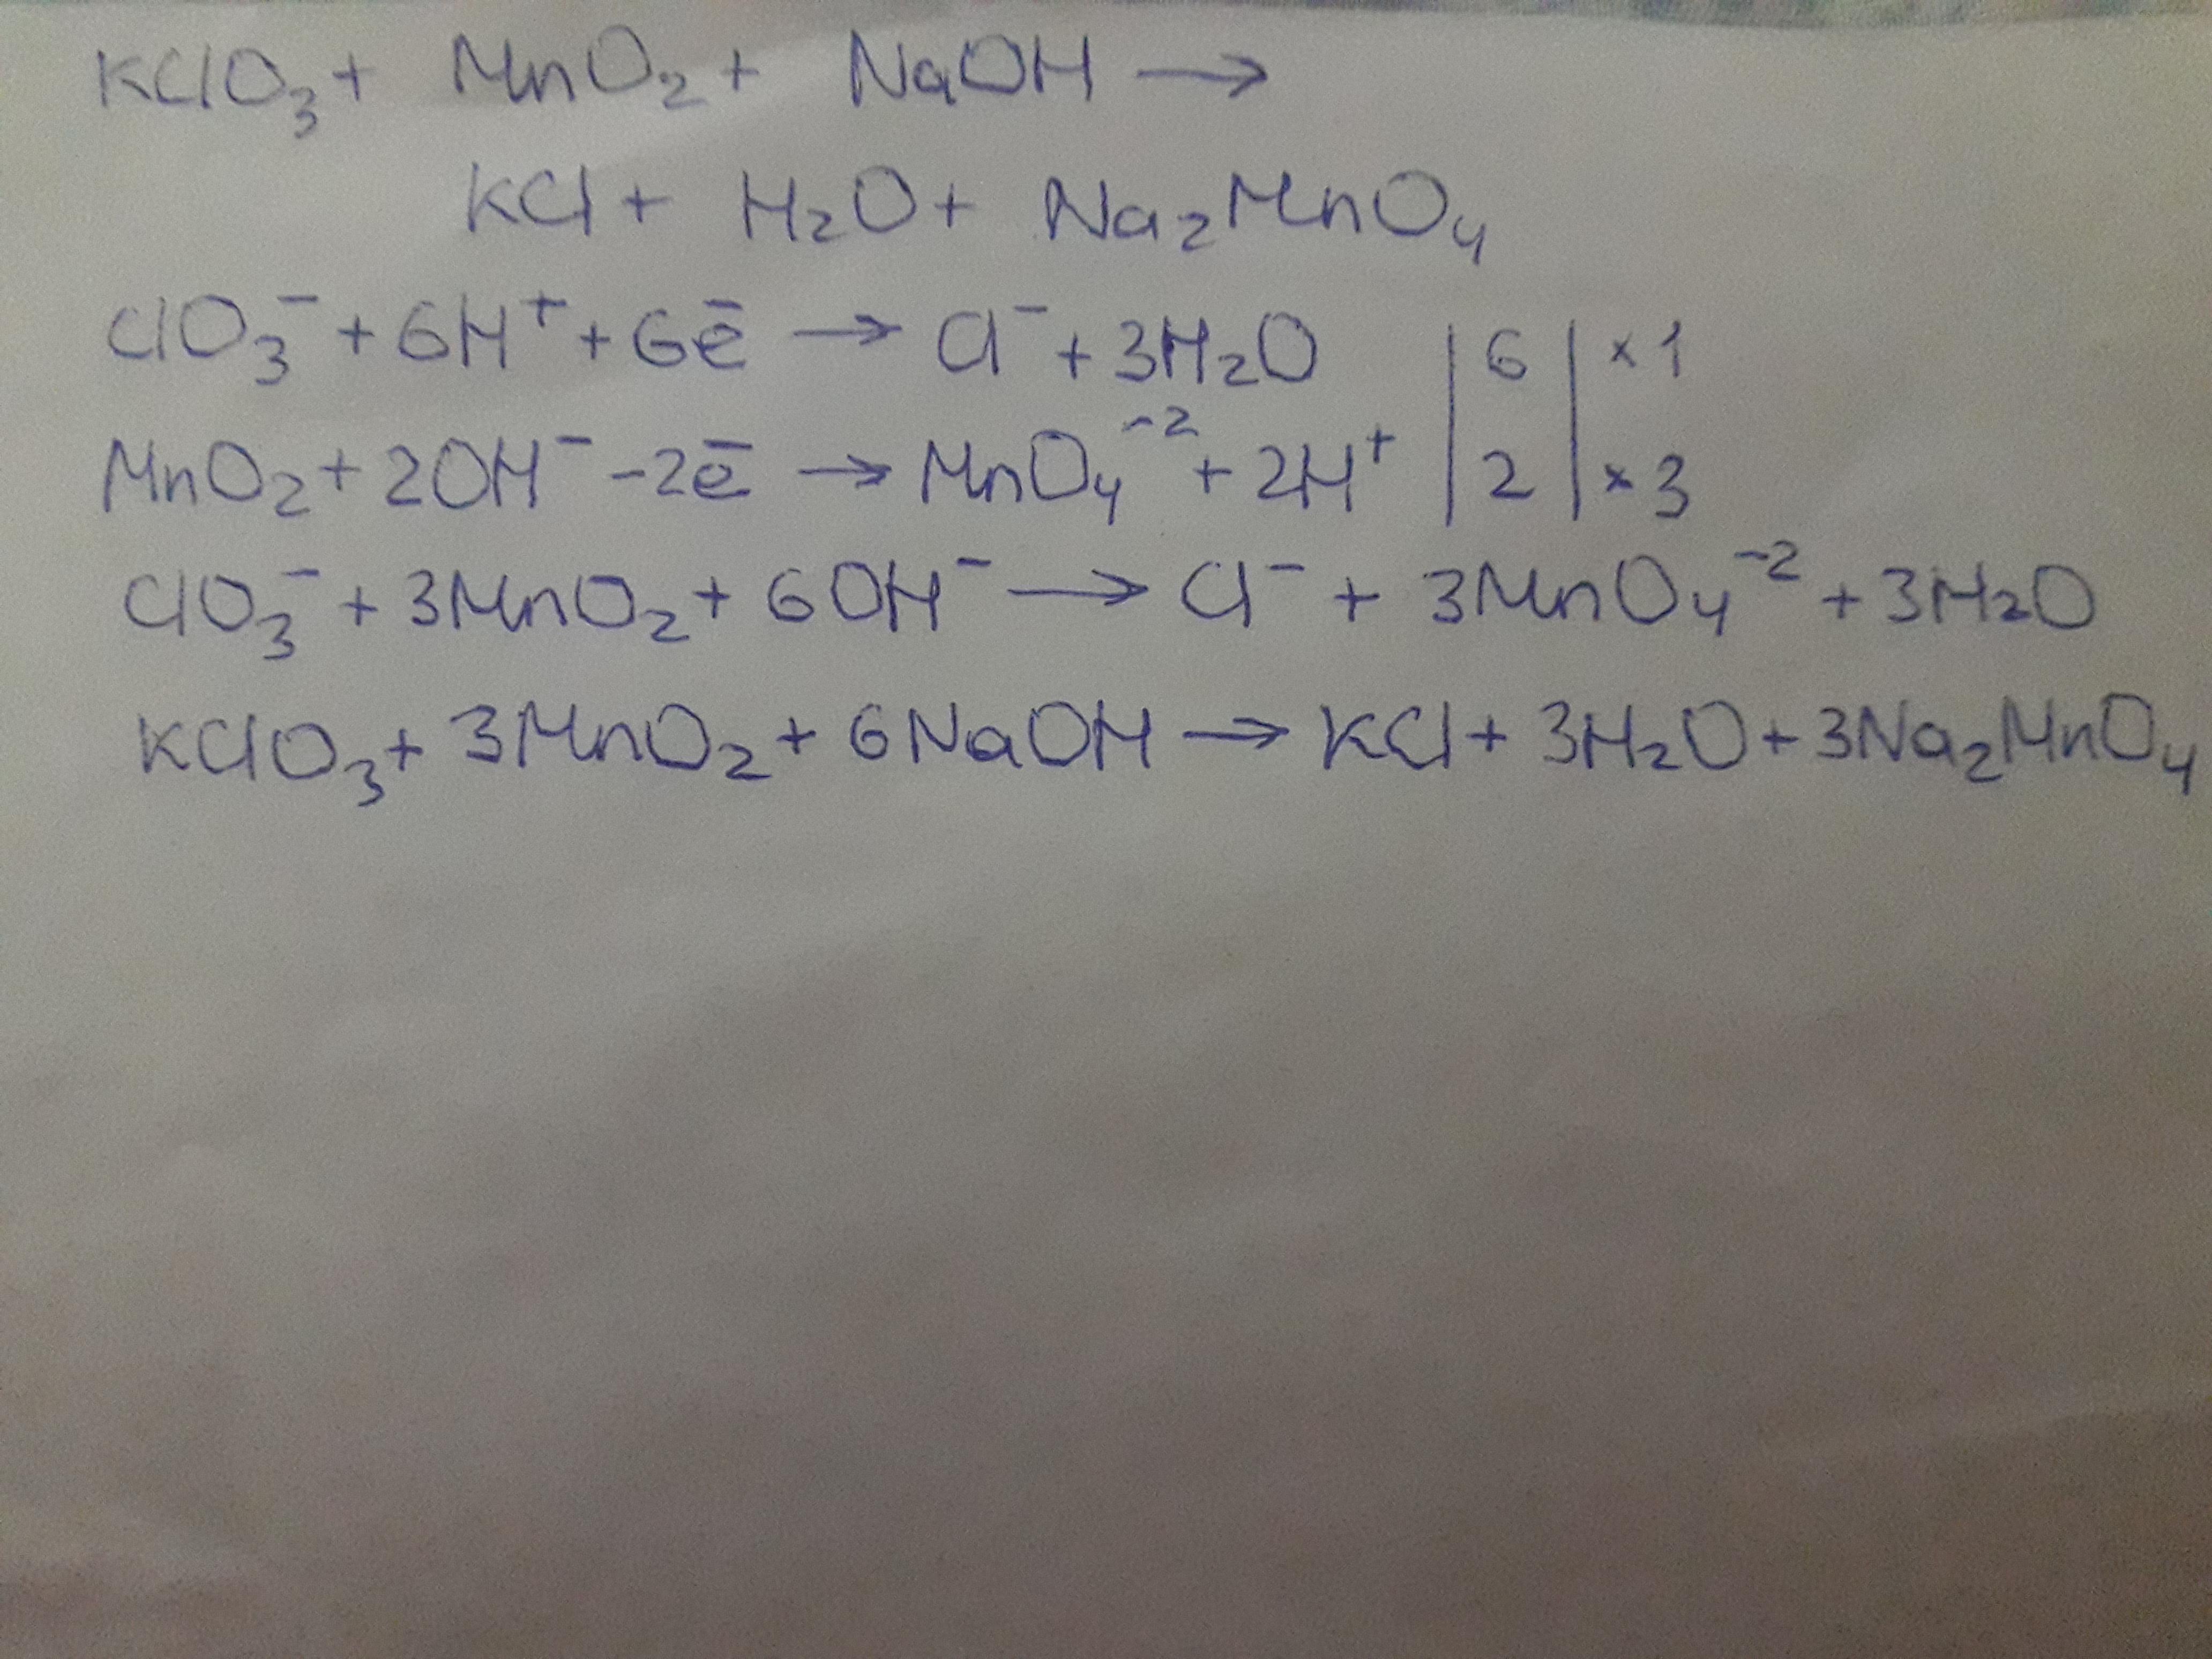 kclo3 mno2_Методом электронно-ионного баланса расставить ...